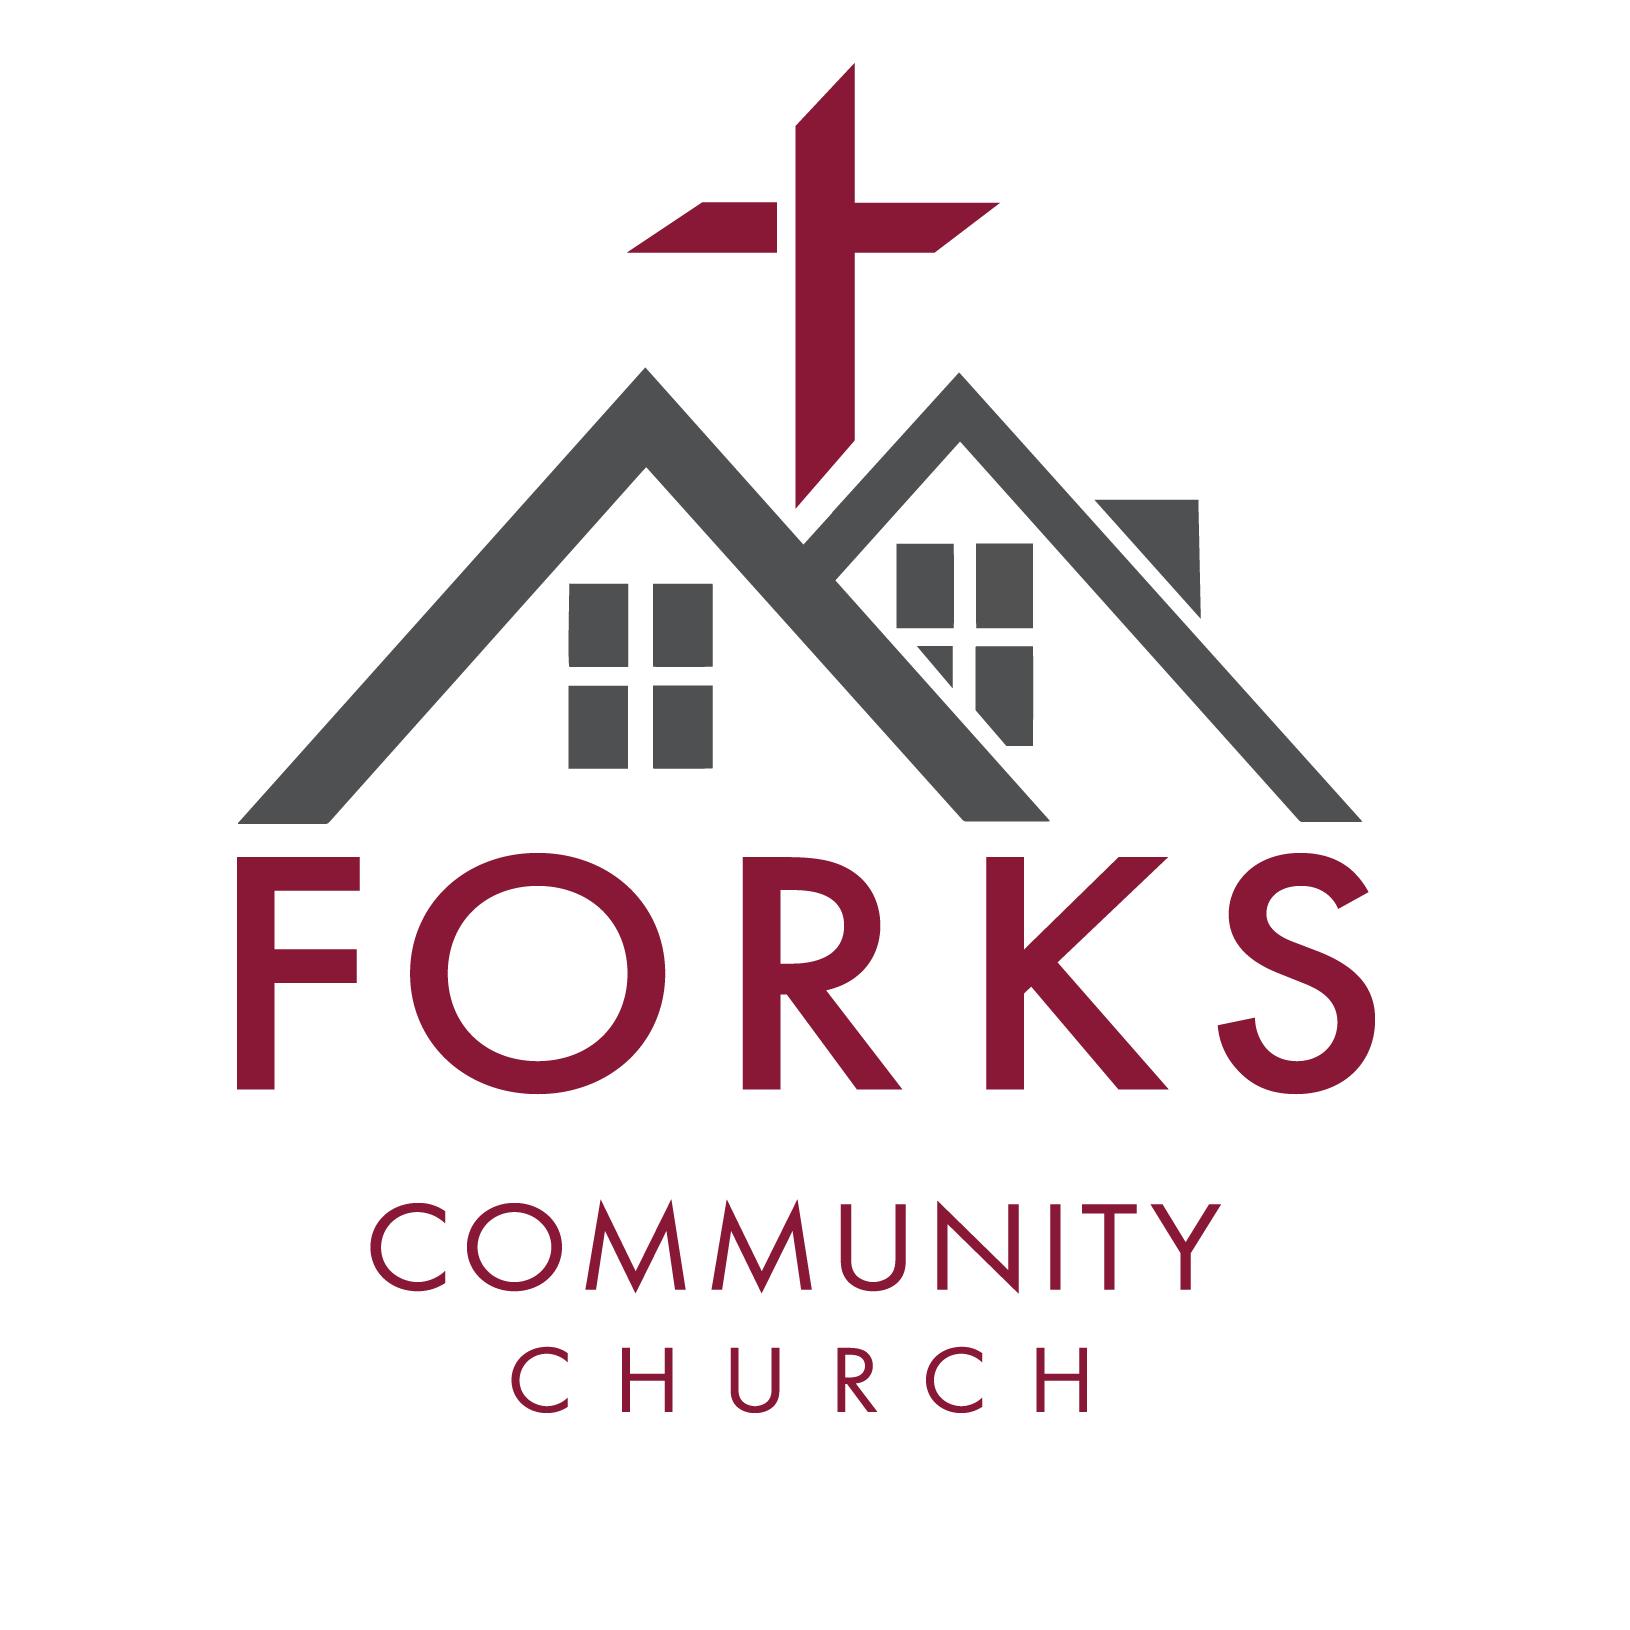 Forks Community Church